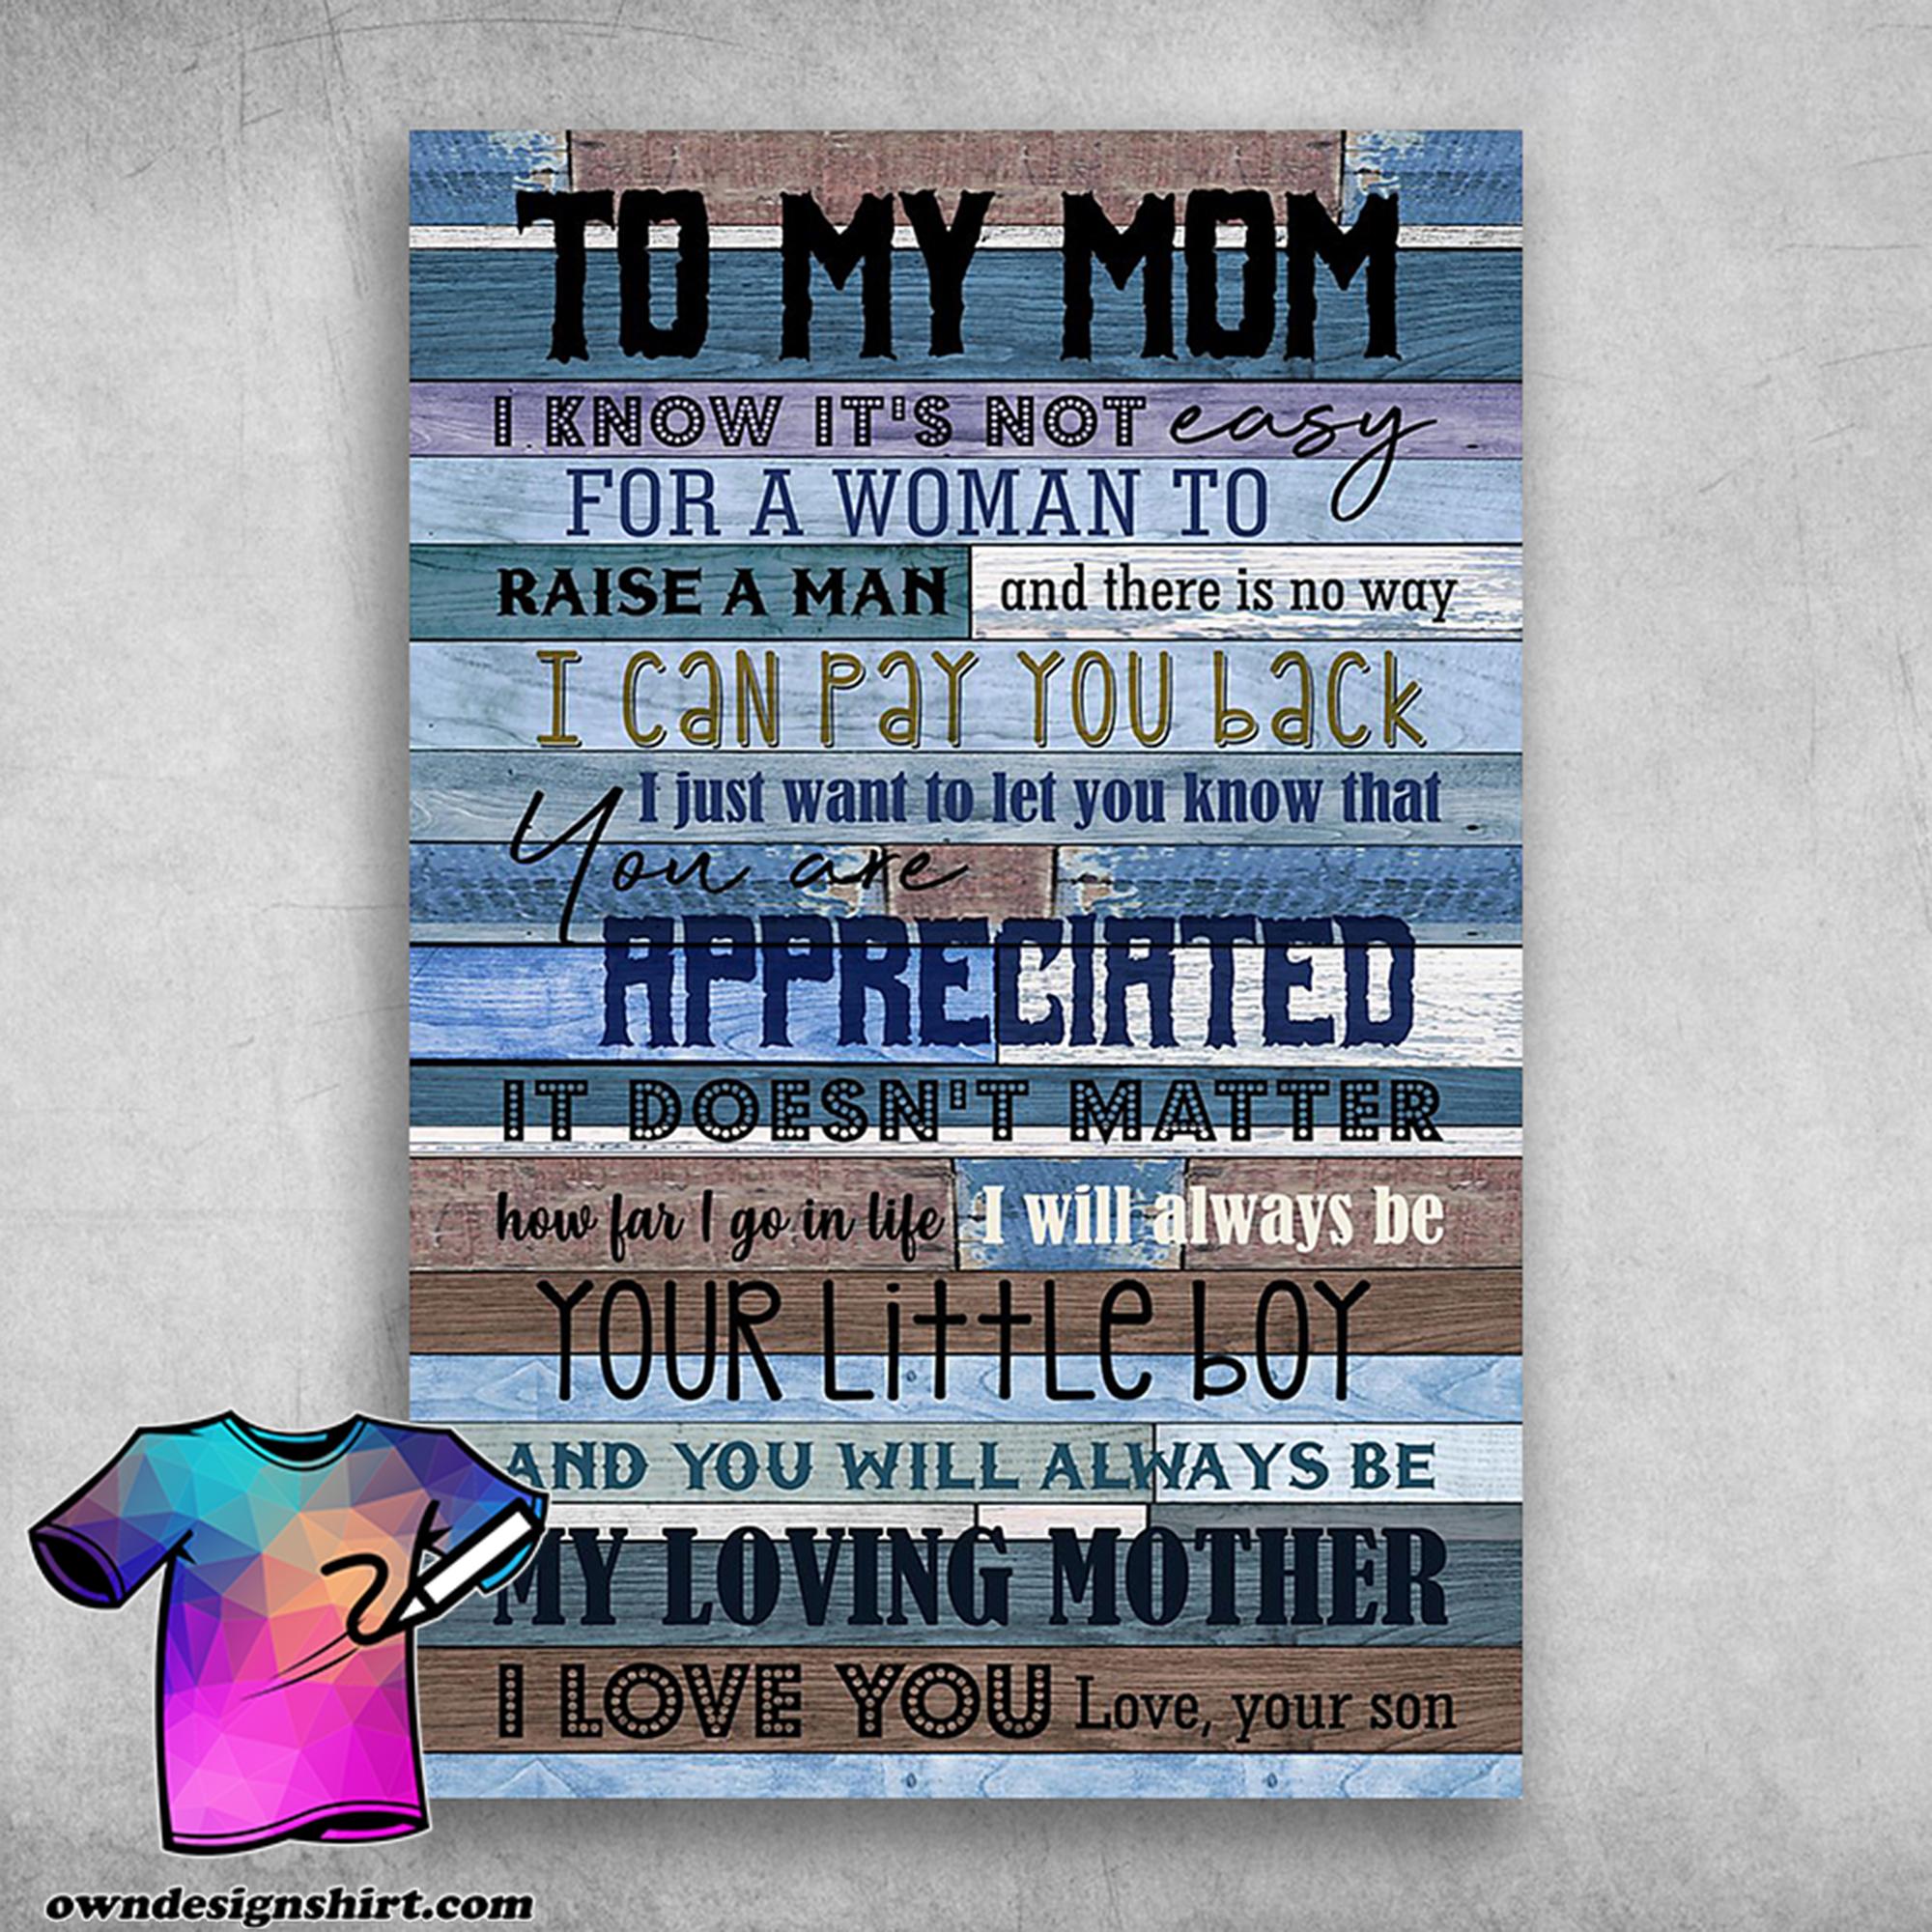 To my mom i know it's not easy for a woman to raise a man poster